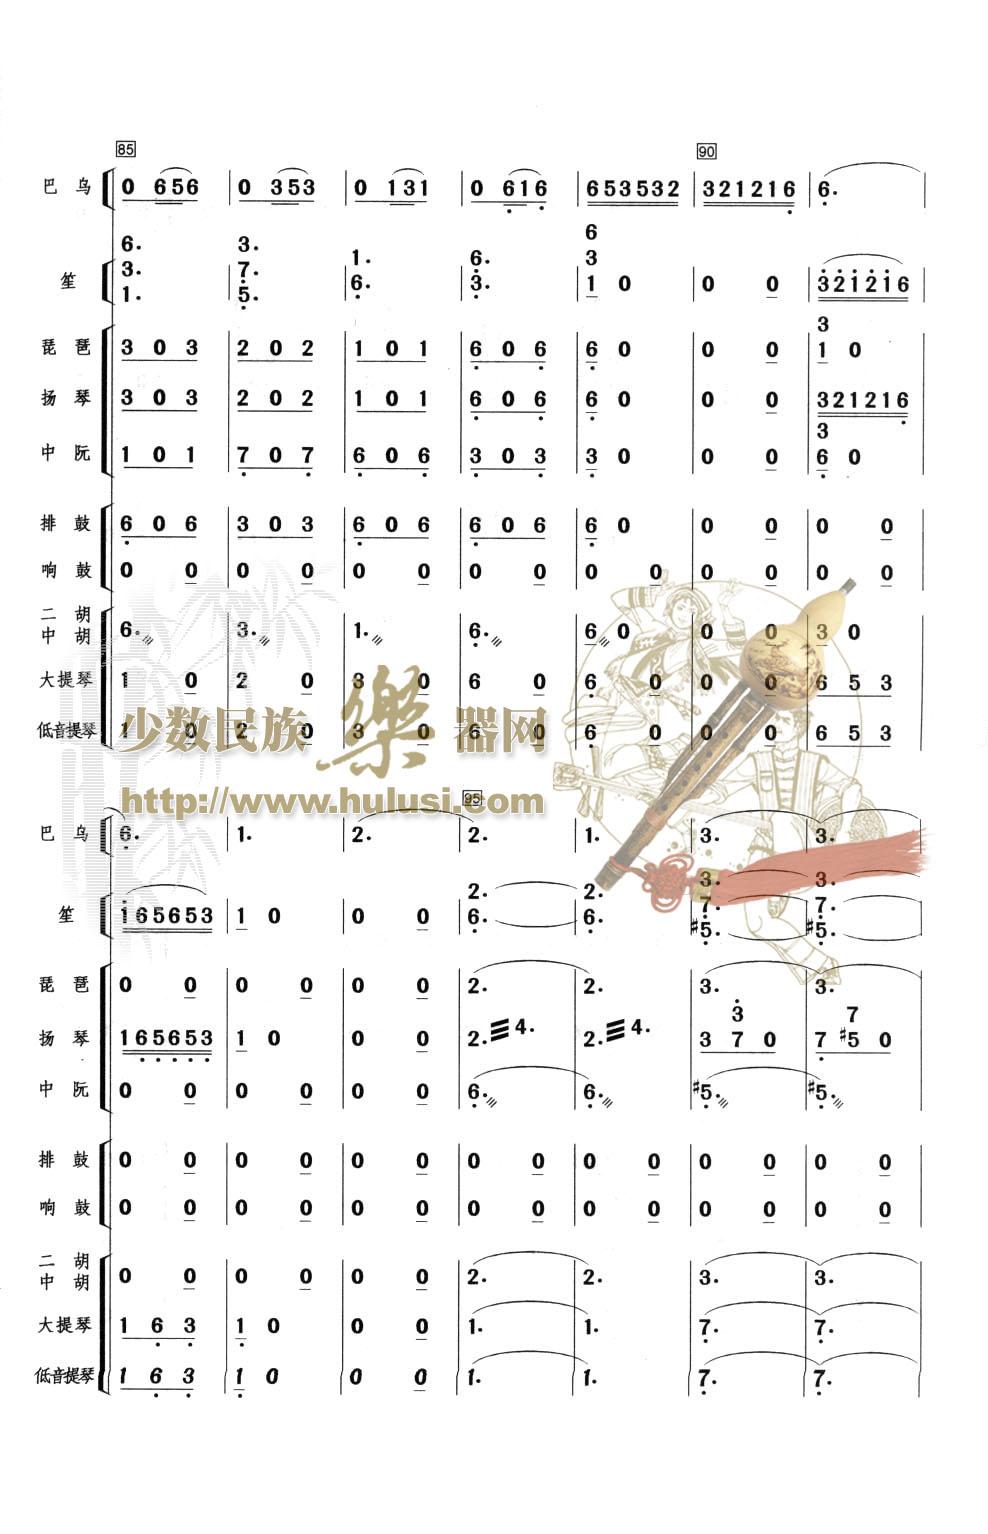 葫芦丝曲谱大全 - 葫芦丝